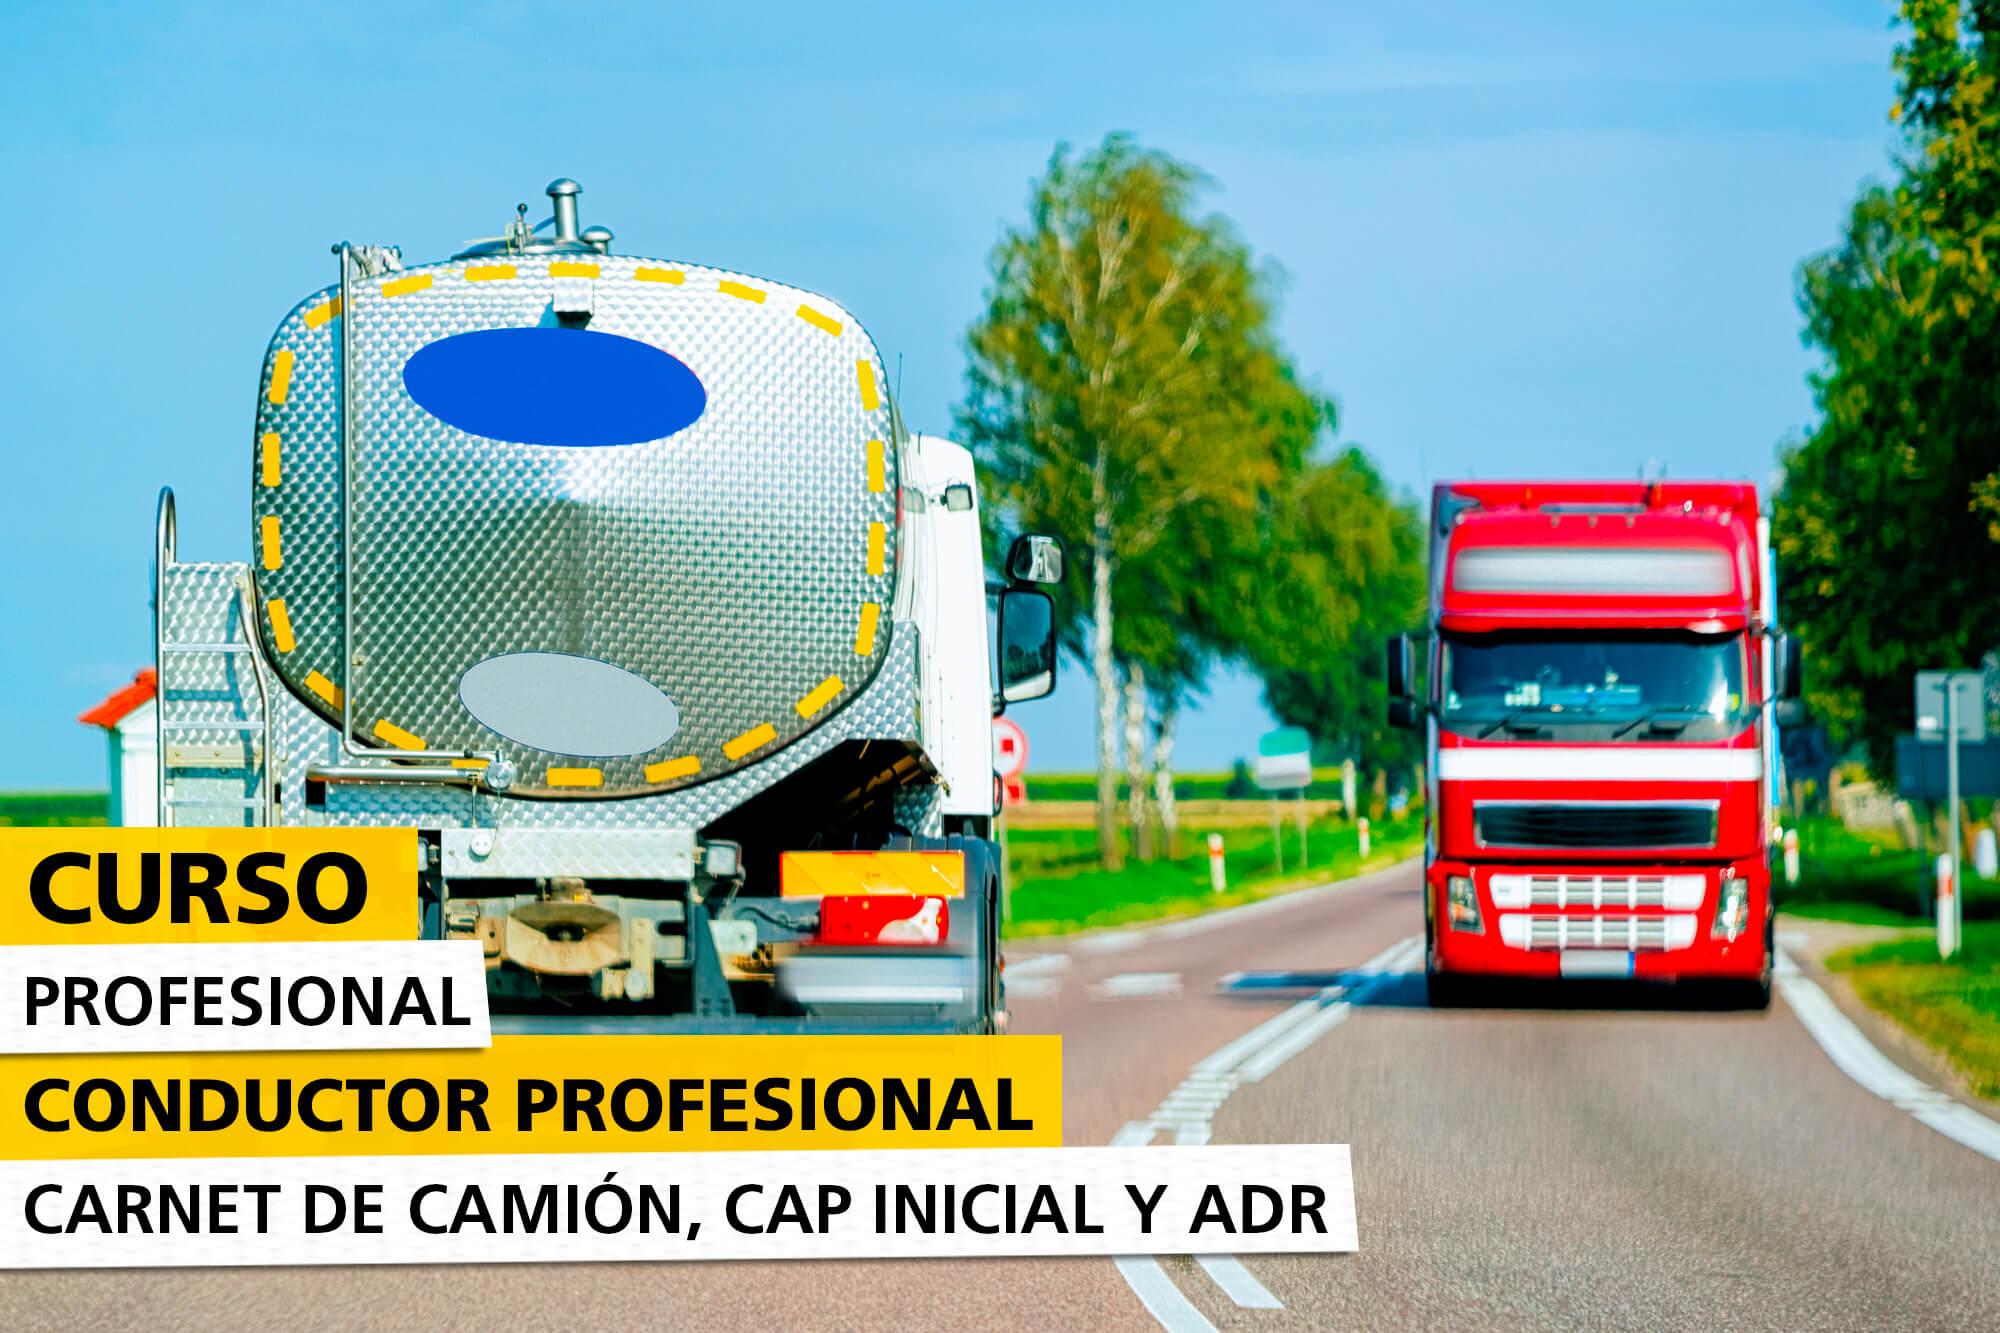 CP-Formacion-Conductores-Profesionales-Mercancias-Permiso-CE-CAP-ADR-img-destacada-v1